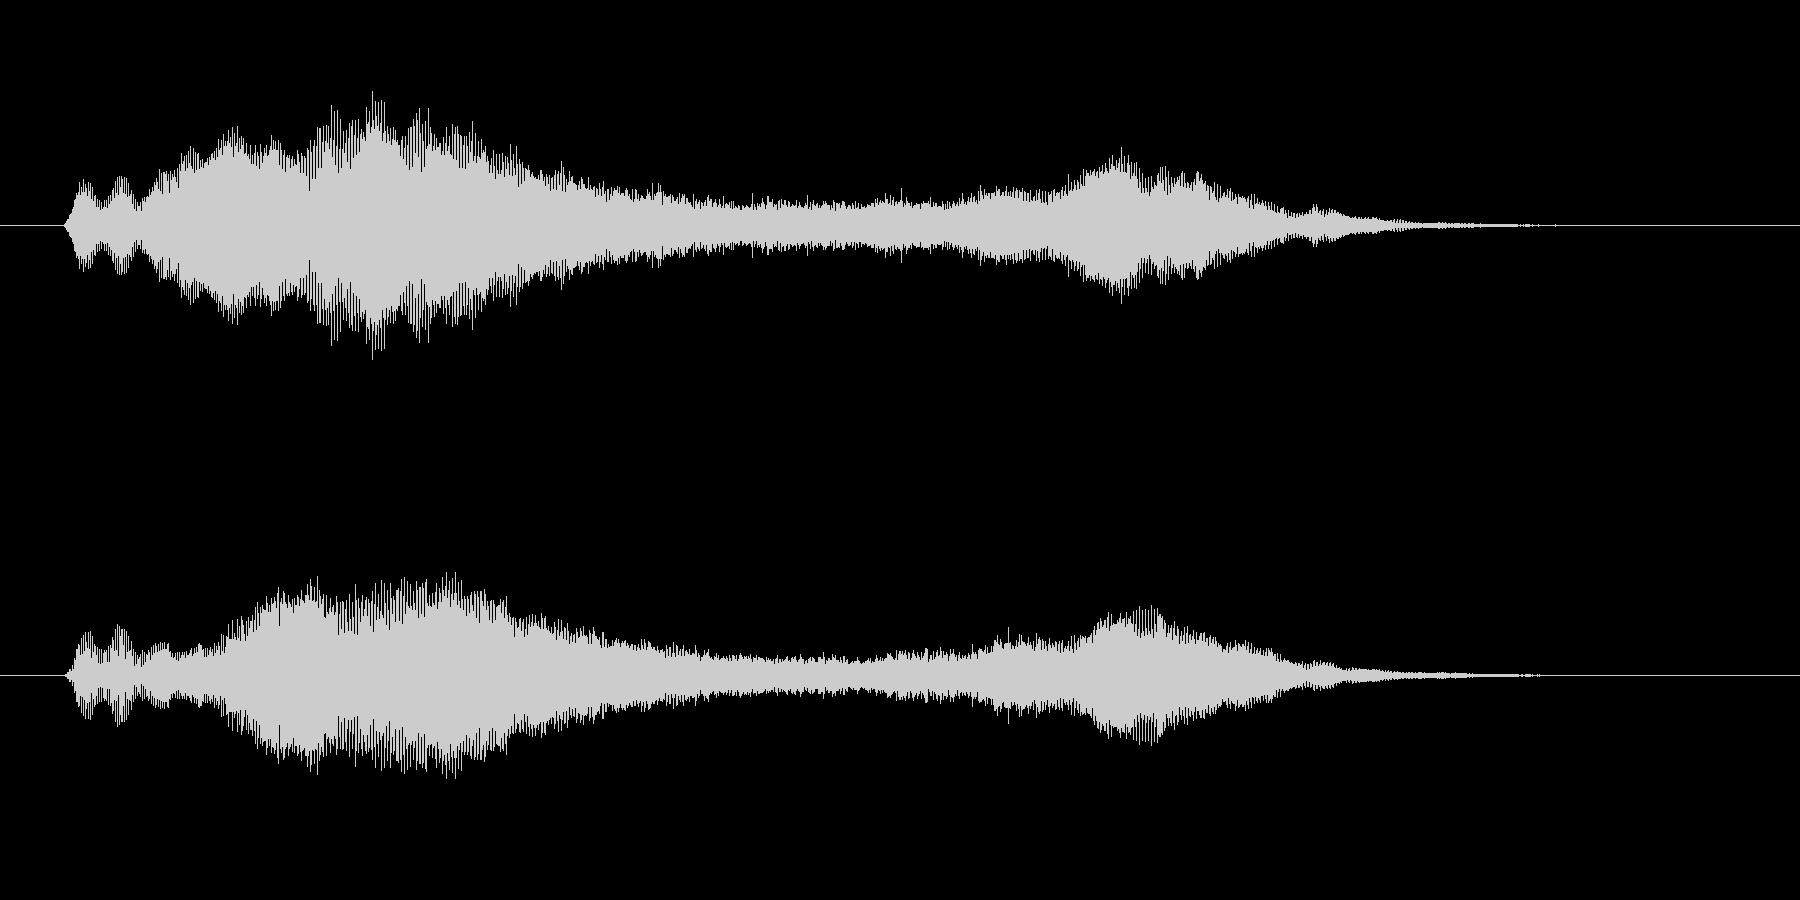 ヴィブラフォン、アンビエント系ジングルの未再生の波形